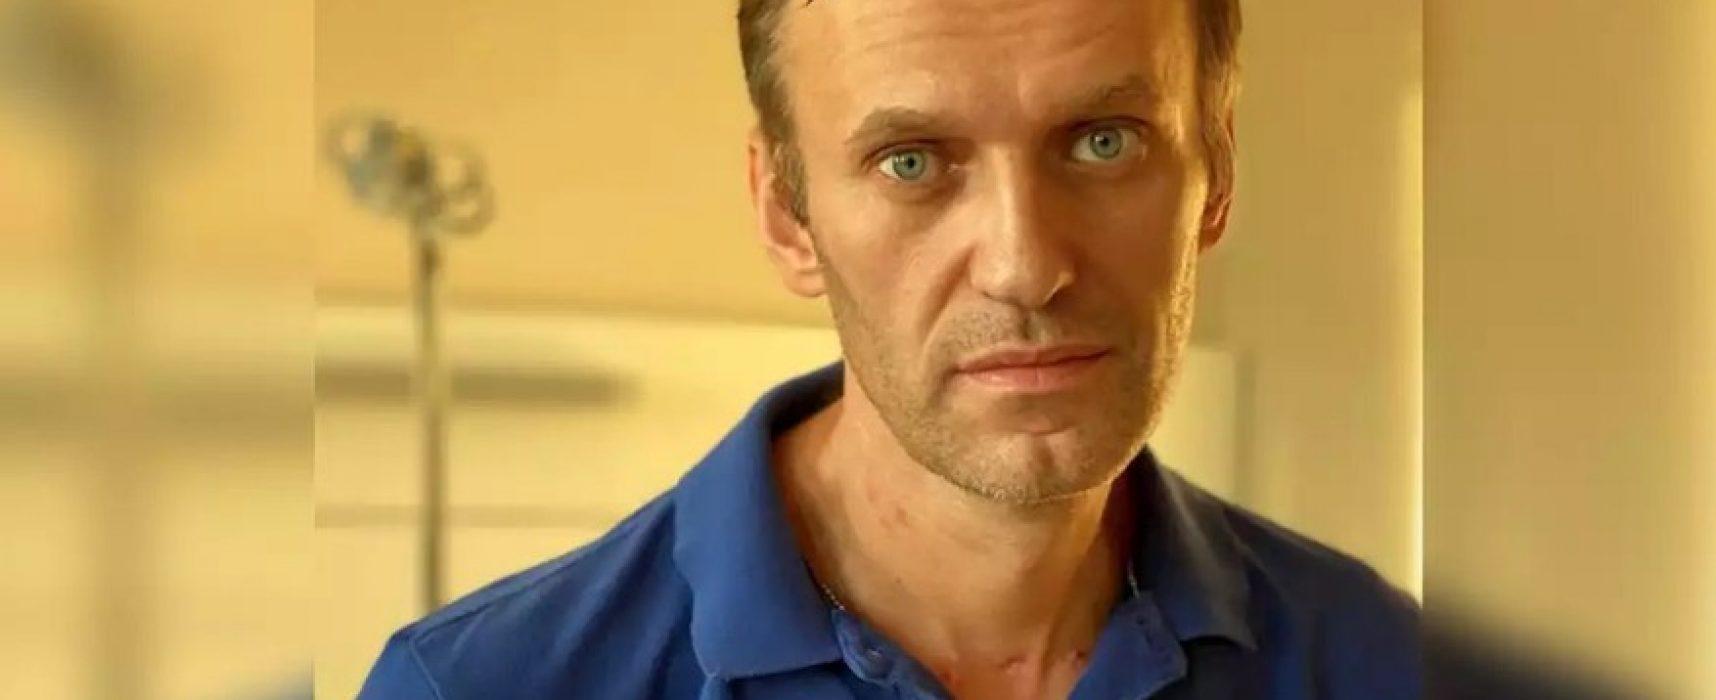 Фейк РИА «Новости»: ОЗХО подтвердила отсутствие у Навального токсичного вещества